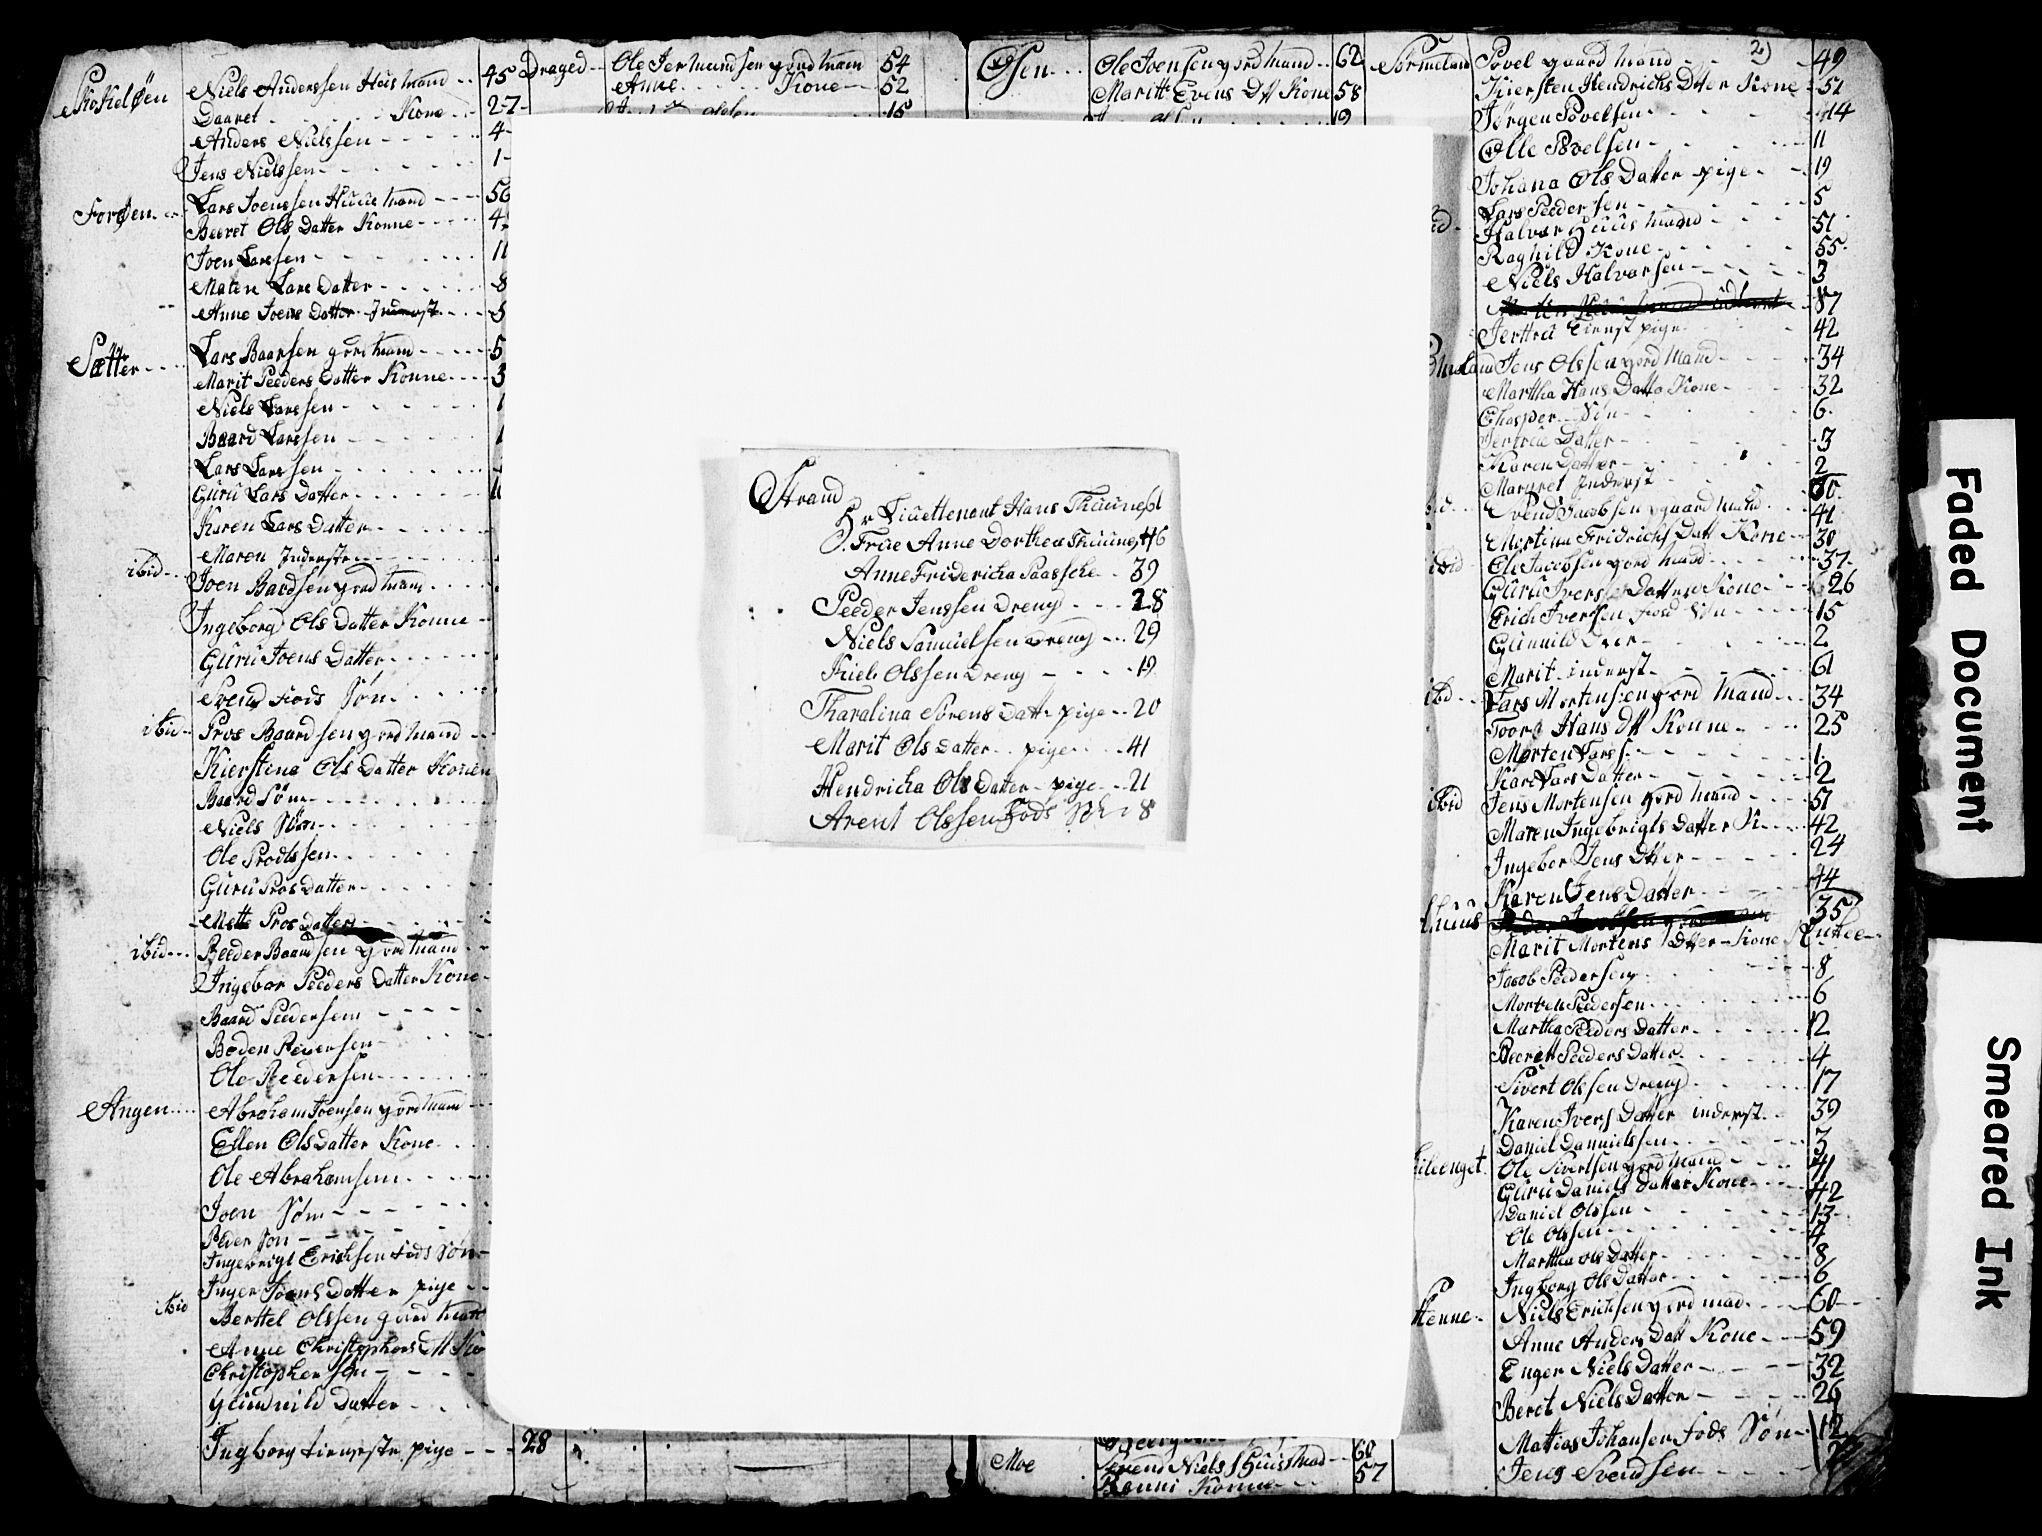 SAT, Kirkebok for Bjørnør prestegjeld 1794-1794 (1632P), 1794, s. 2